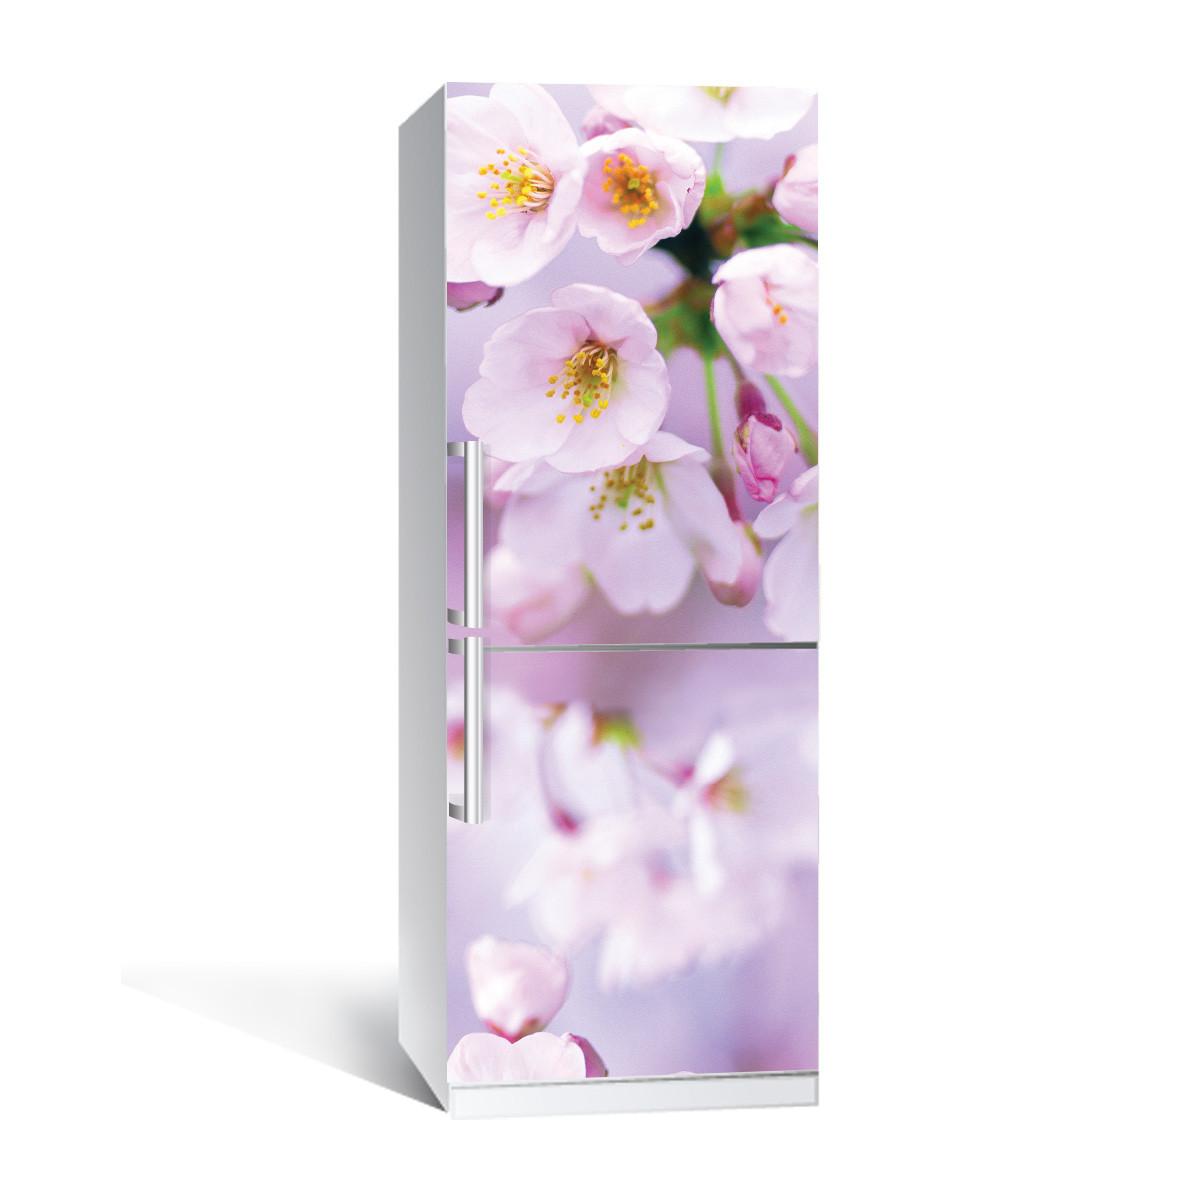 Виниловая наклейка на холодильник Цветы яблони ламинированная двойная (пленка розовые цветы весна макро вишни)